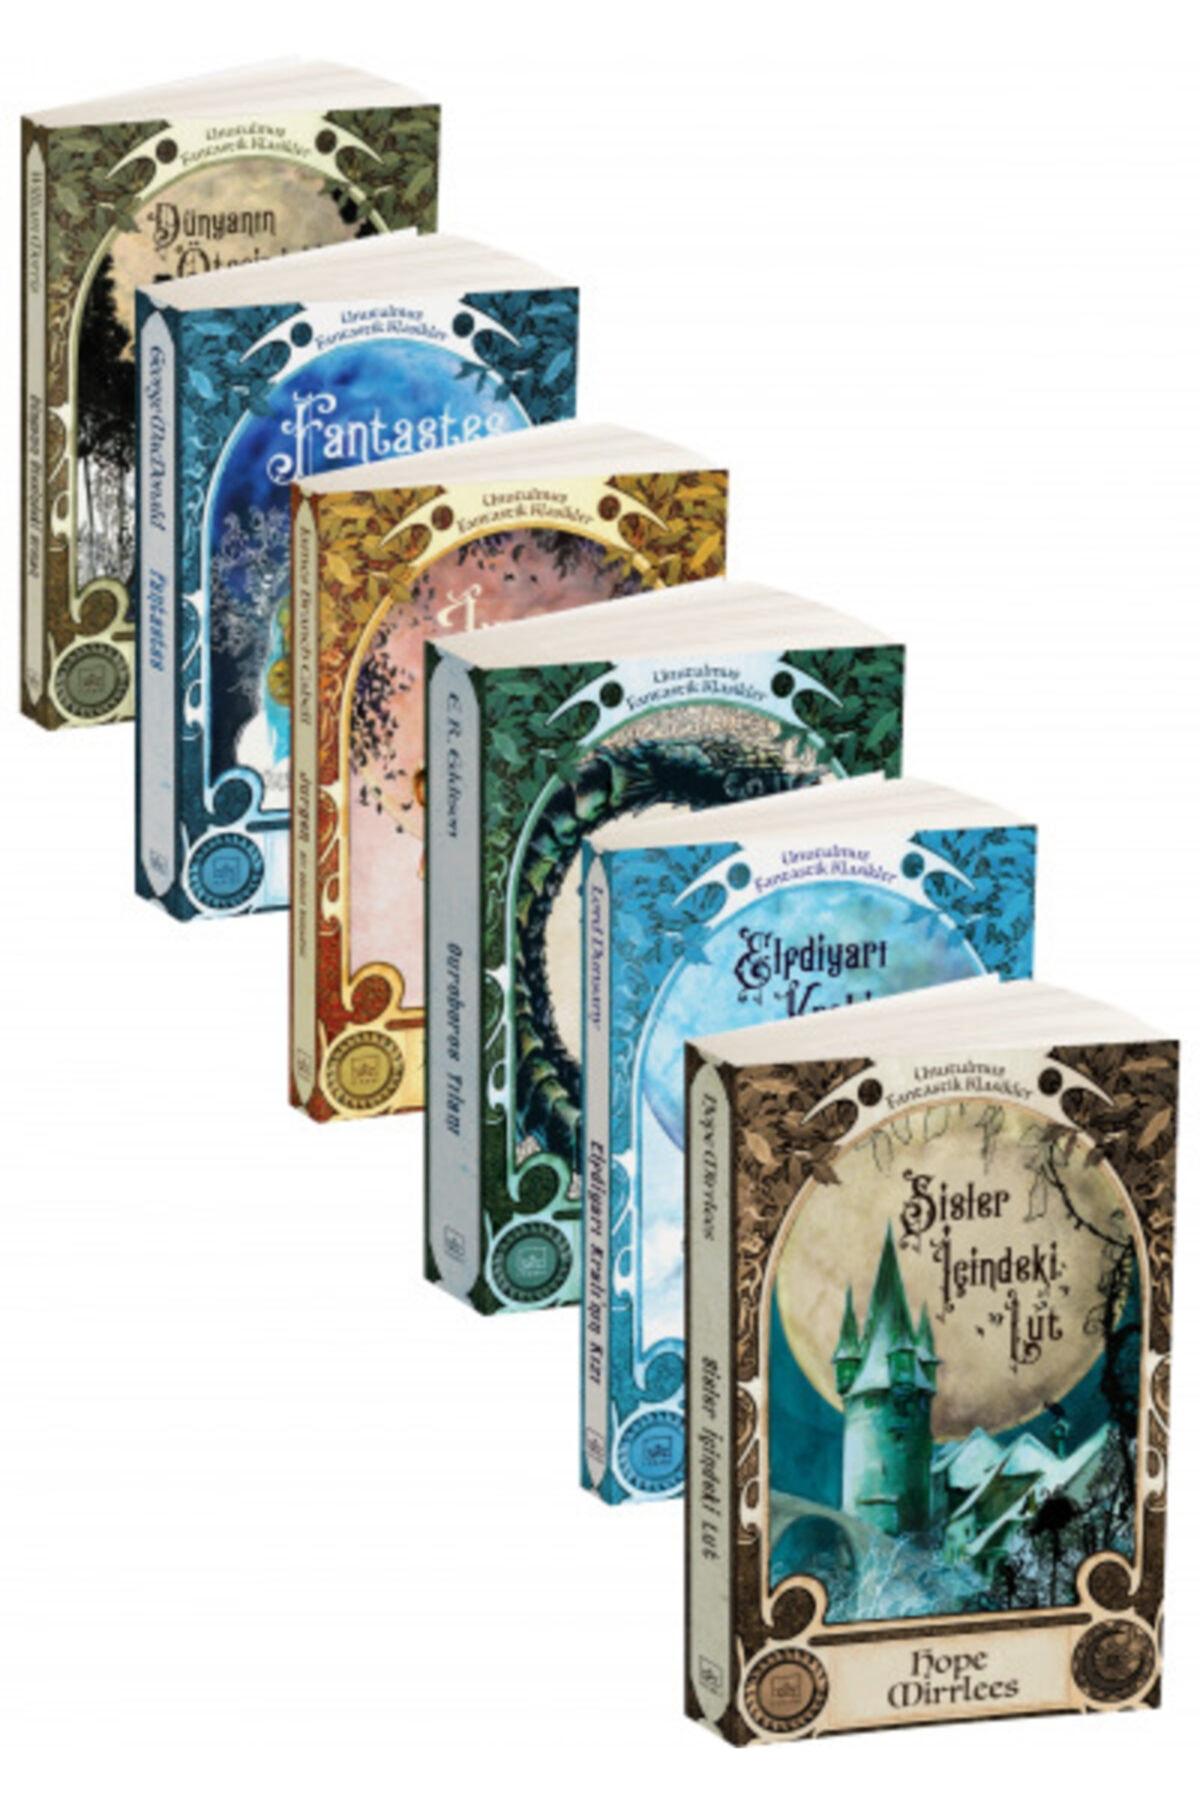 İthaki Yayınları Unutulmuş Fantastikler 6 Kitap Takım 1